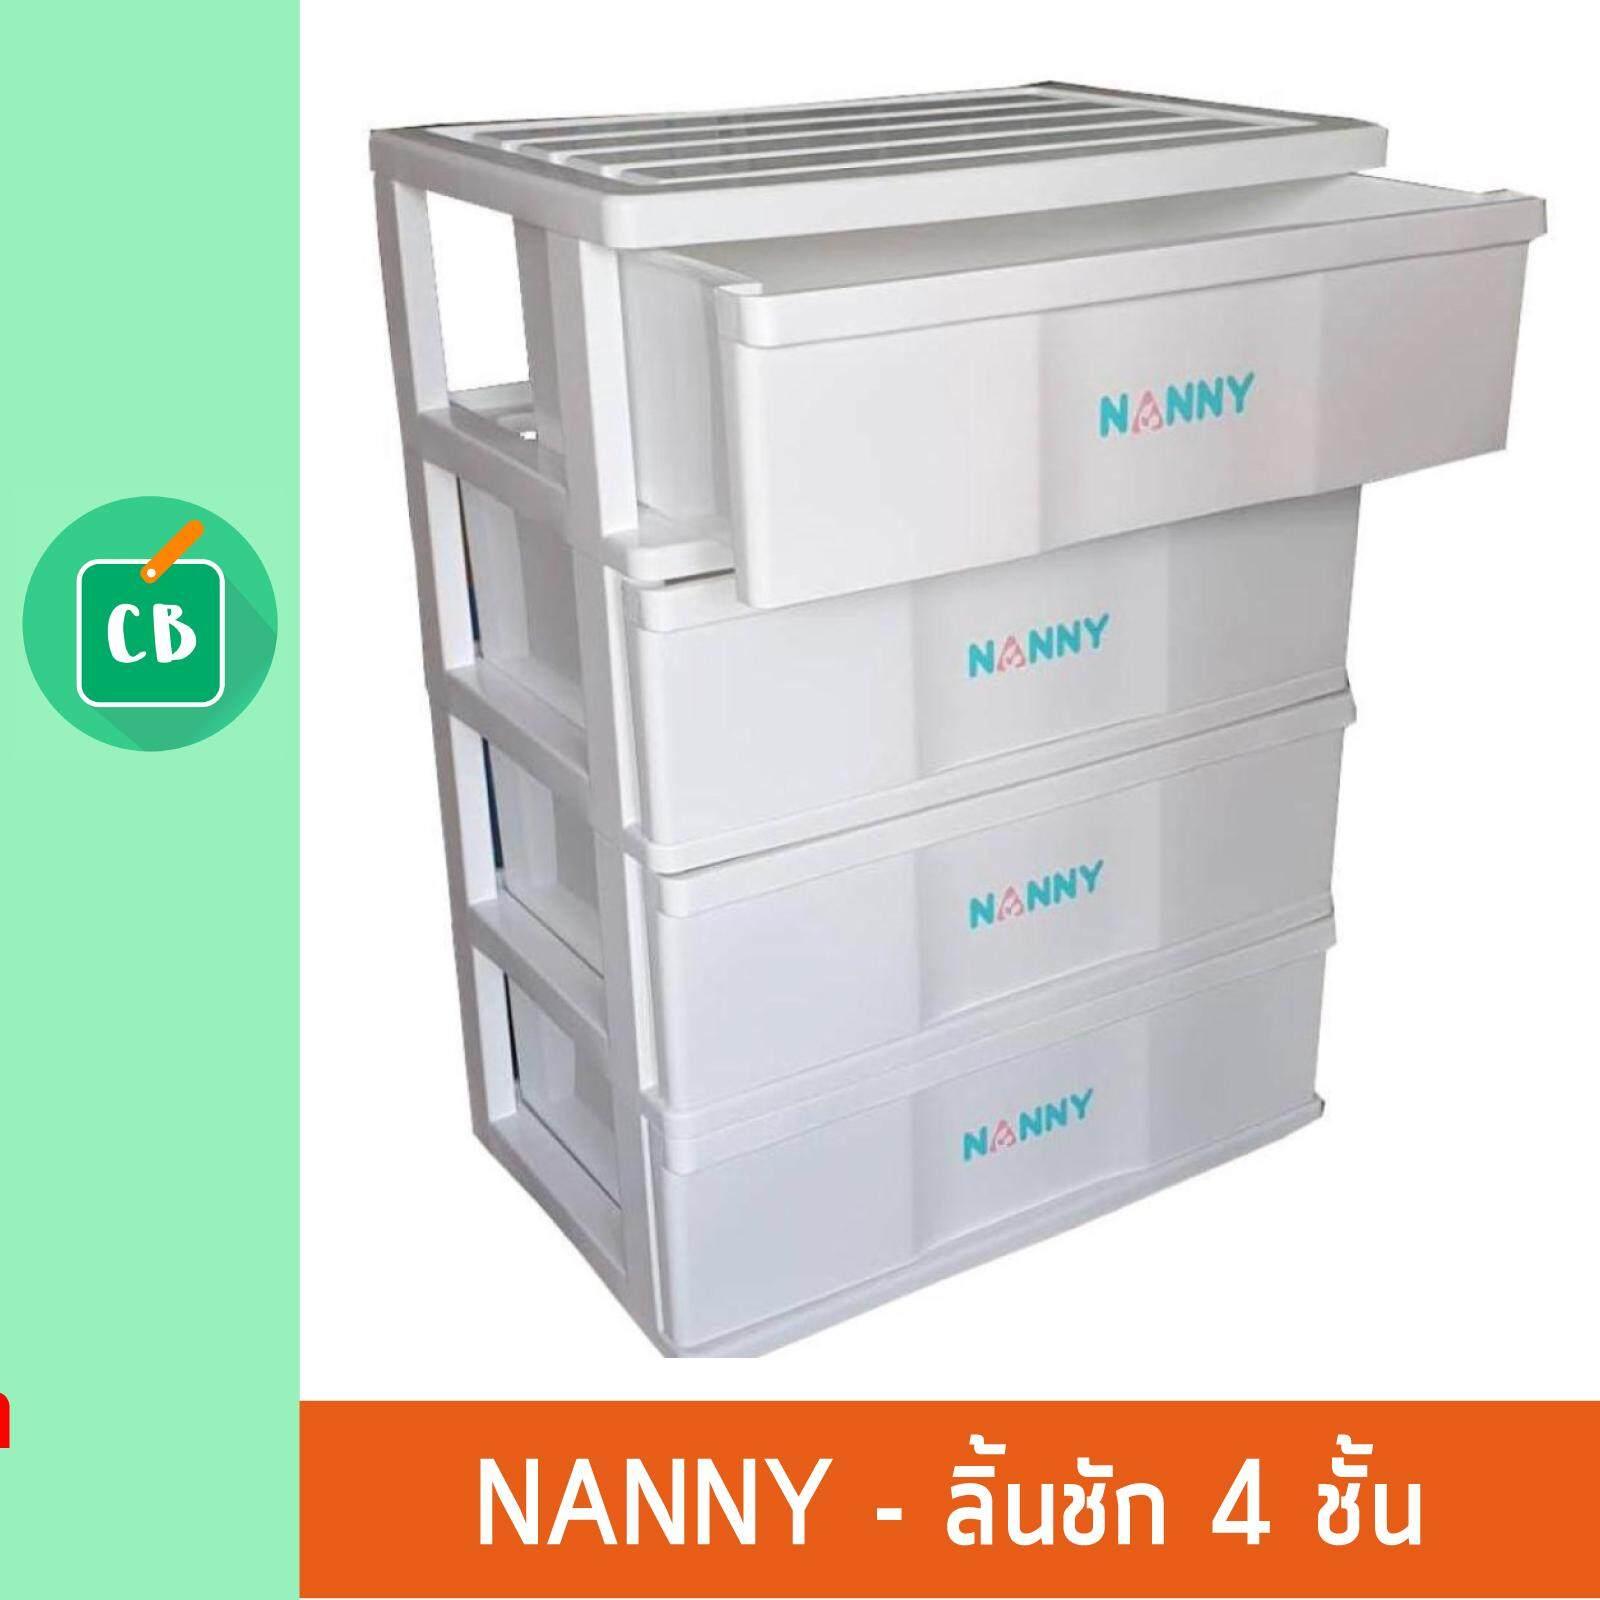 ราคา Nanny - ลิ้นชักเก็บของ พลาสติก 4 ชั้น